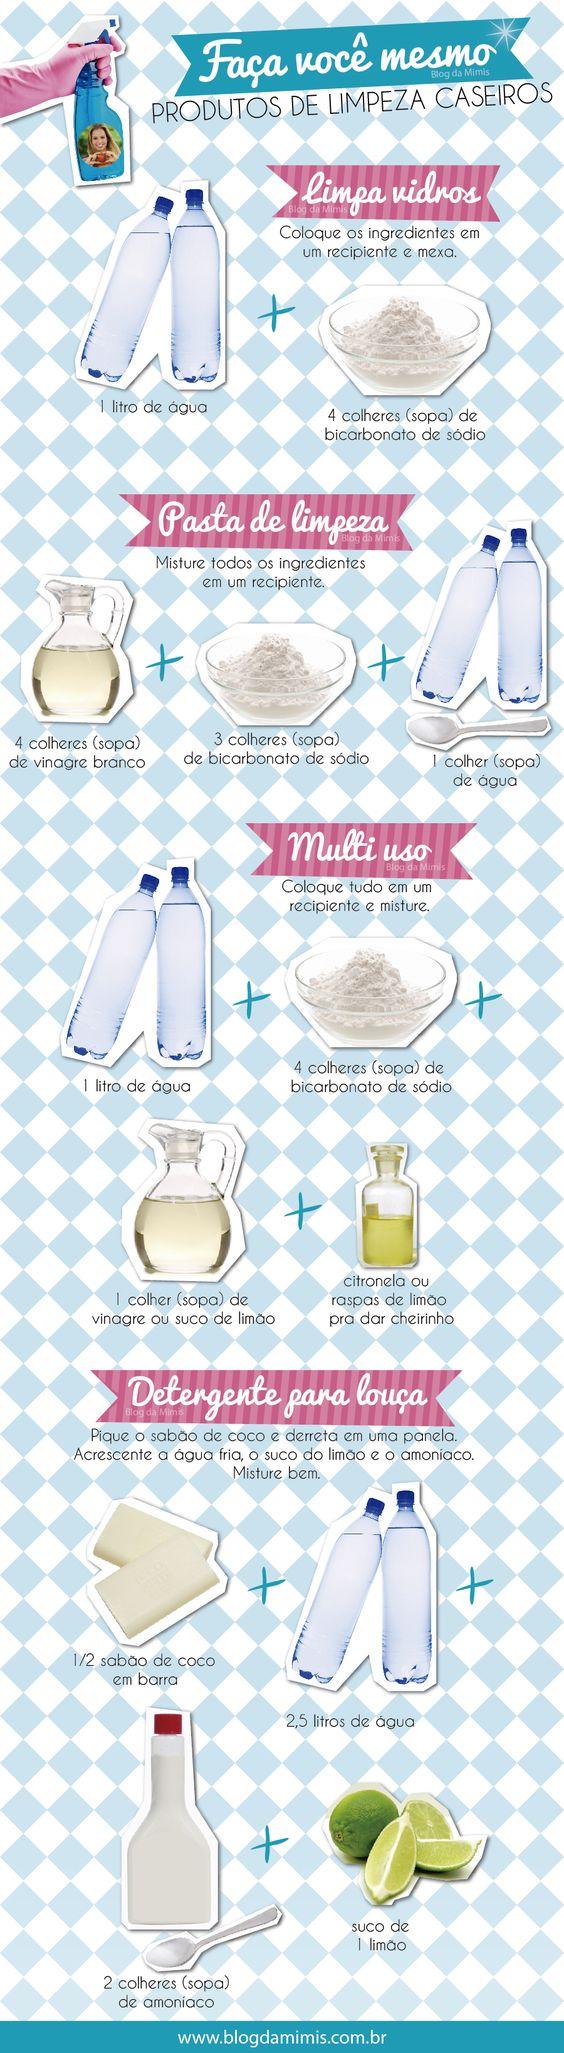 Como fazer produtos de limpeza em casa #dica: